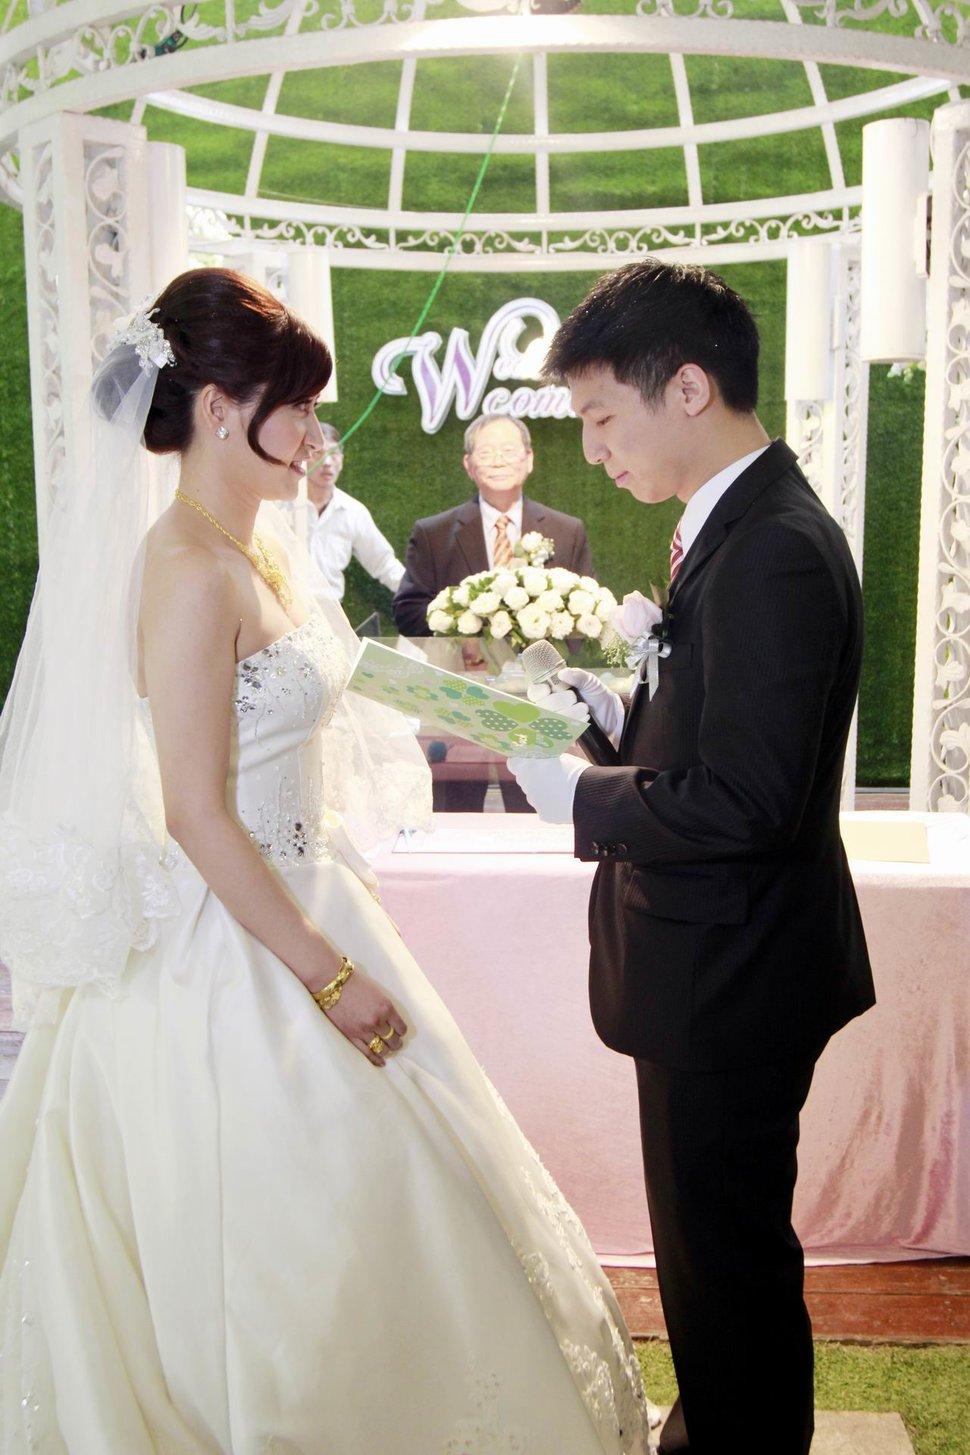 青青食尚花園會館婚禮記錄結婚迎娶婚禮記錄動態微電影錄影專業錄影平面攝影婚紗攝攝影婚禮主持人(編號:196743) - 蜜月拍照10800錄影12800攝影團隊 - 結婚吧